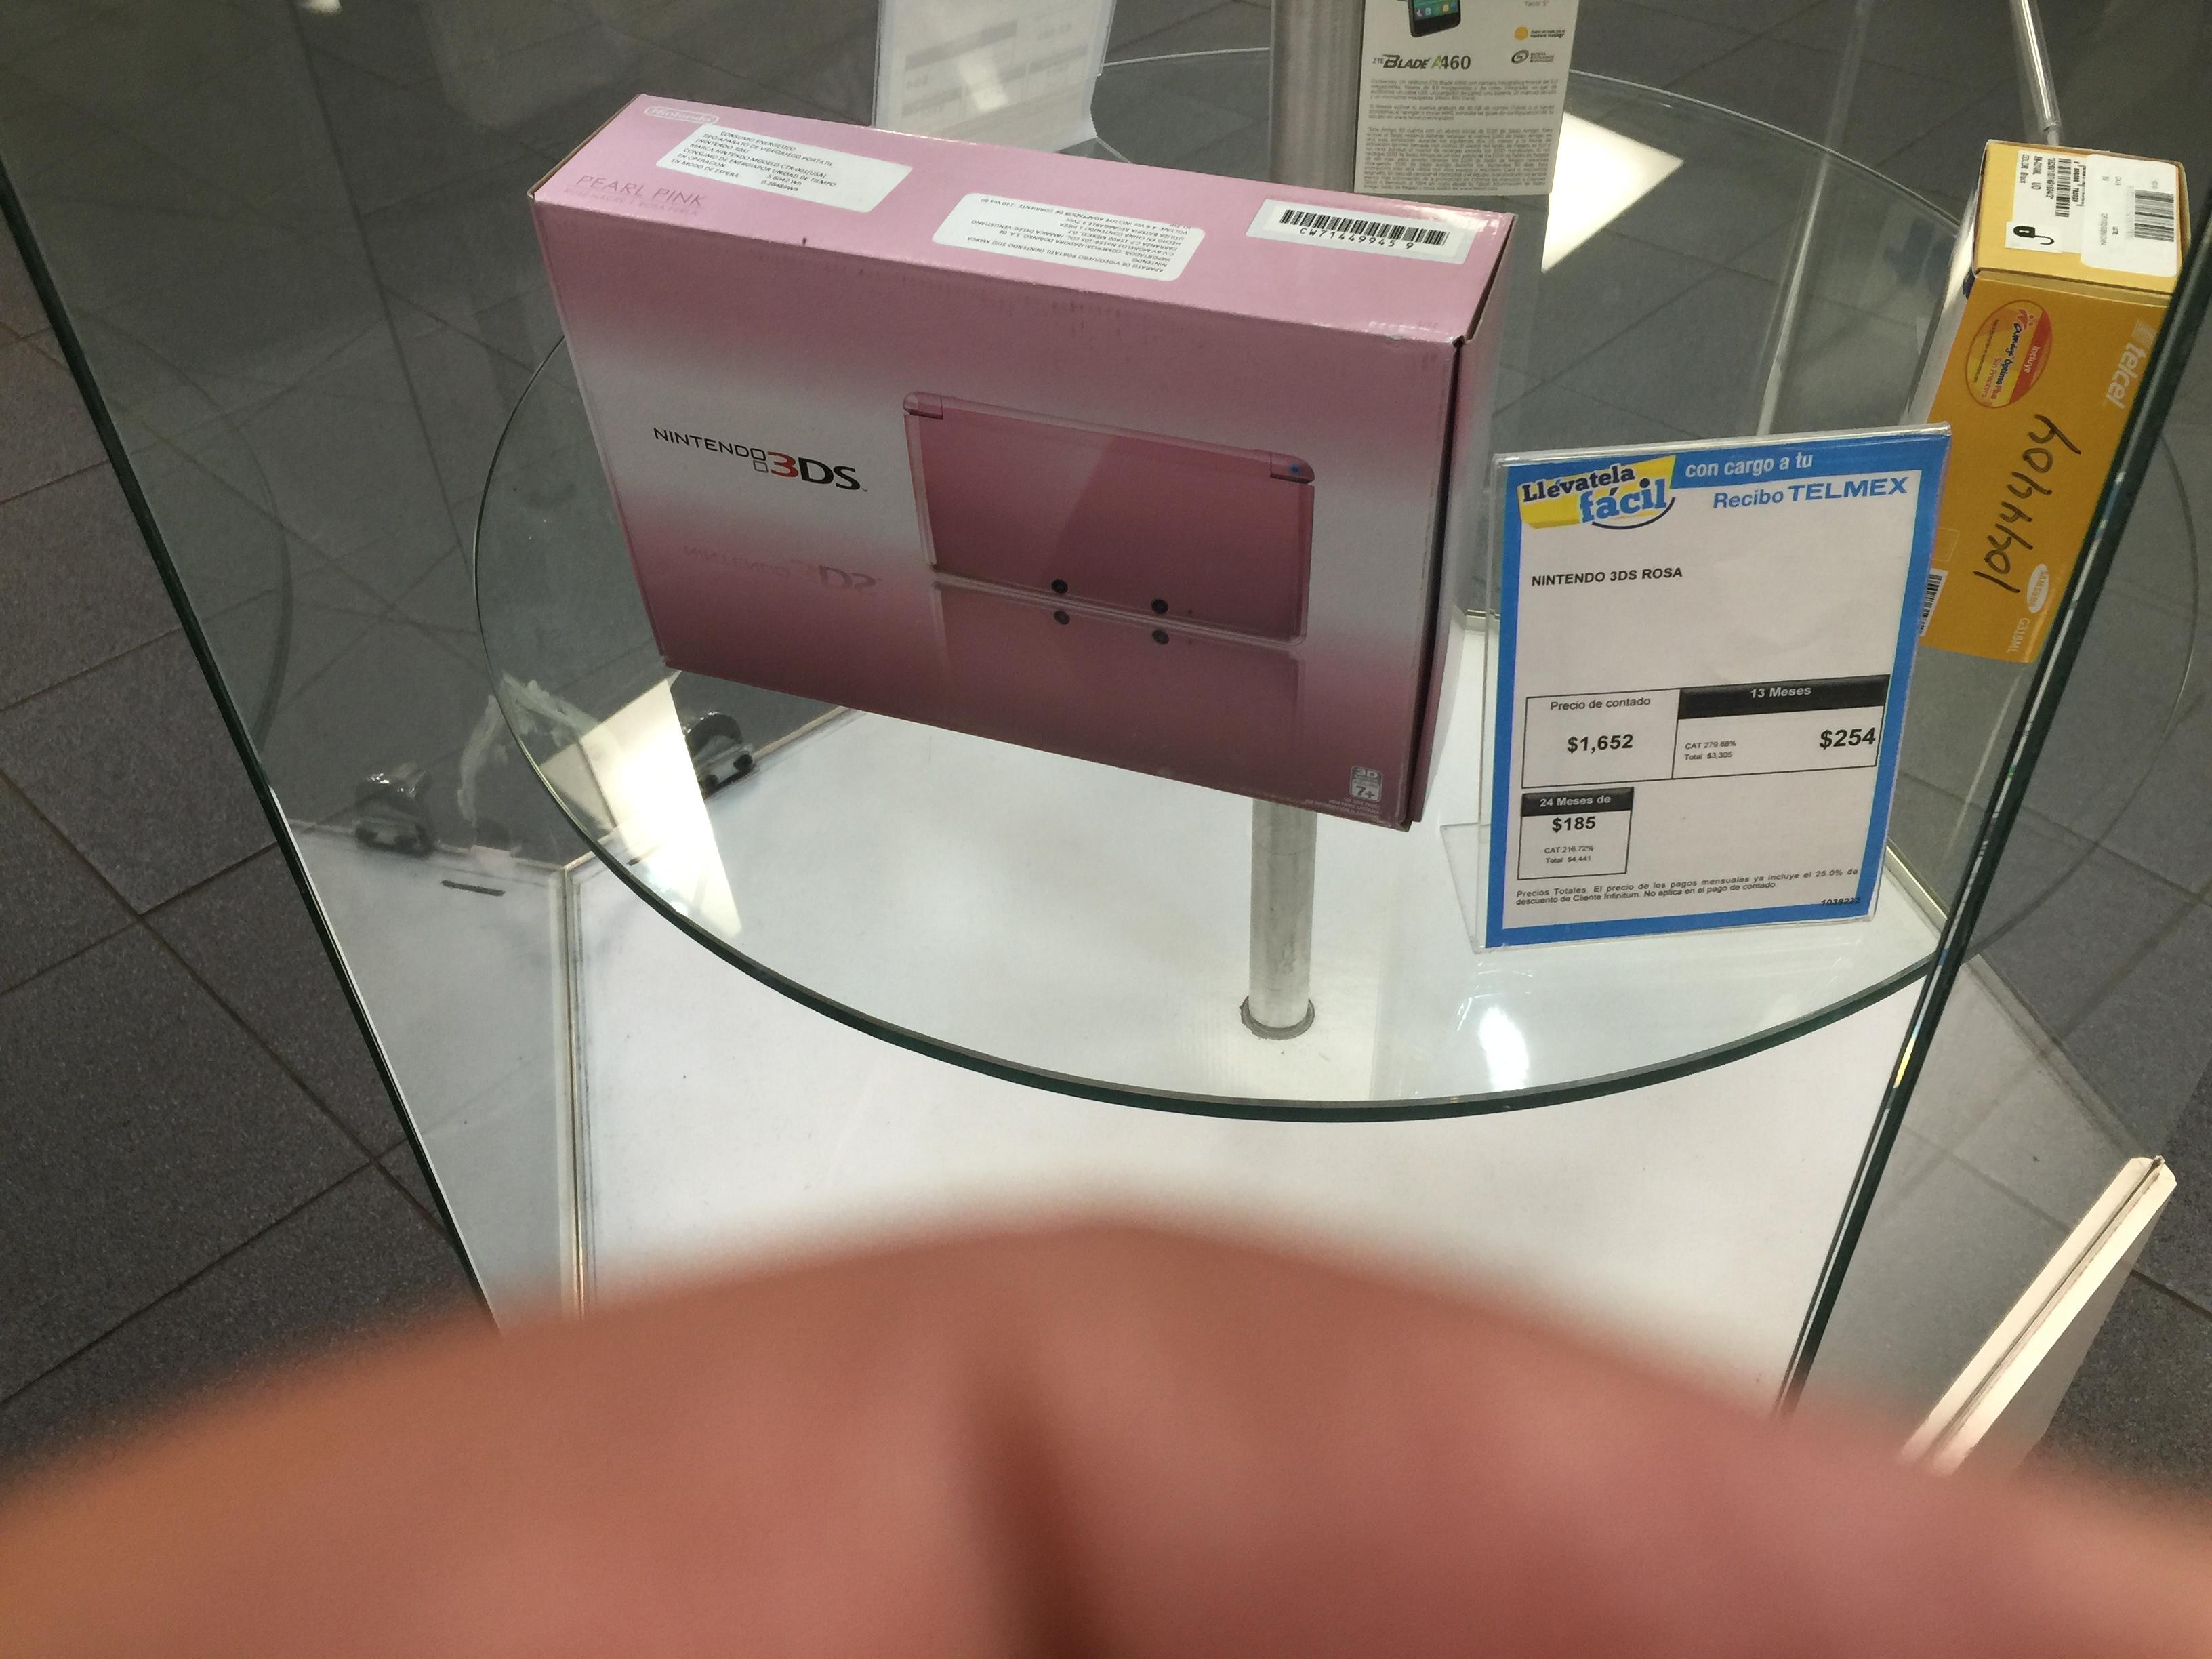 Telmex: consola nintendo 3ds rosa a $1,652